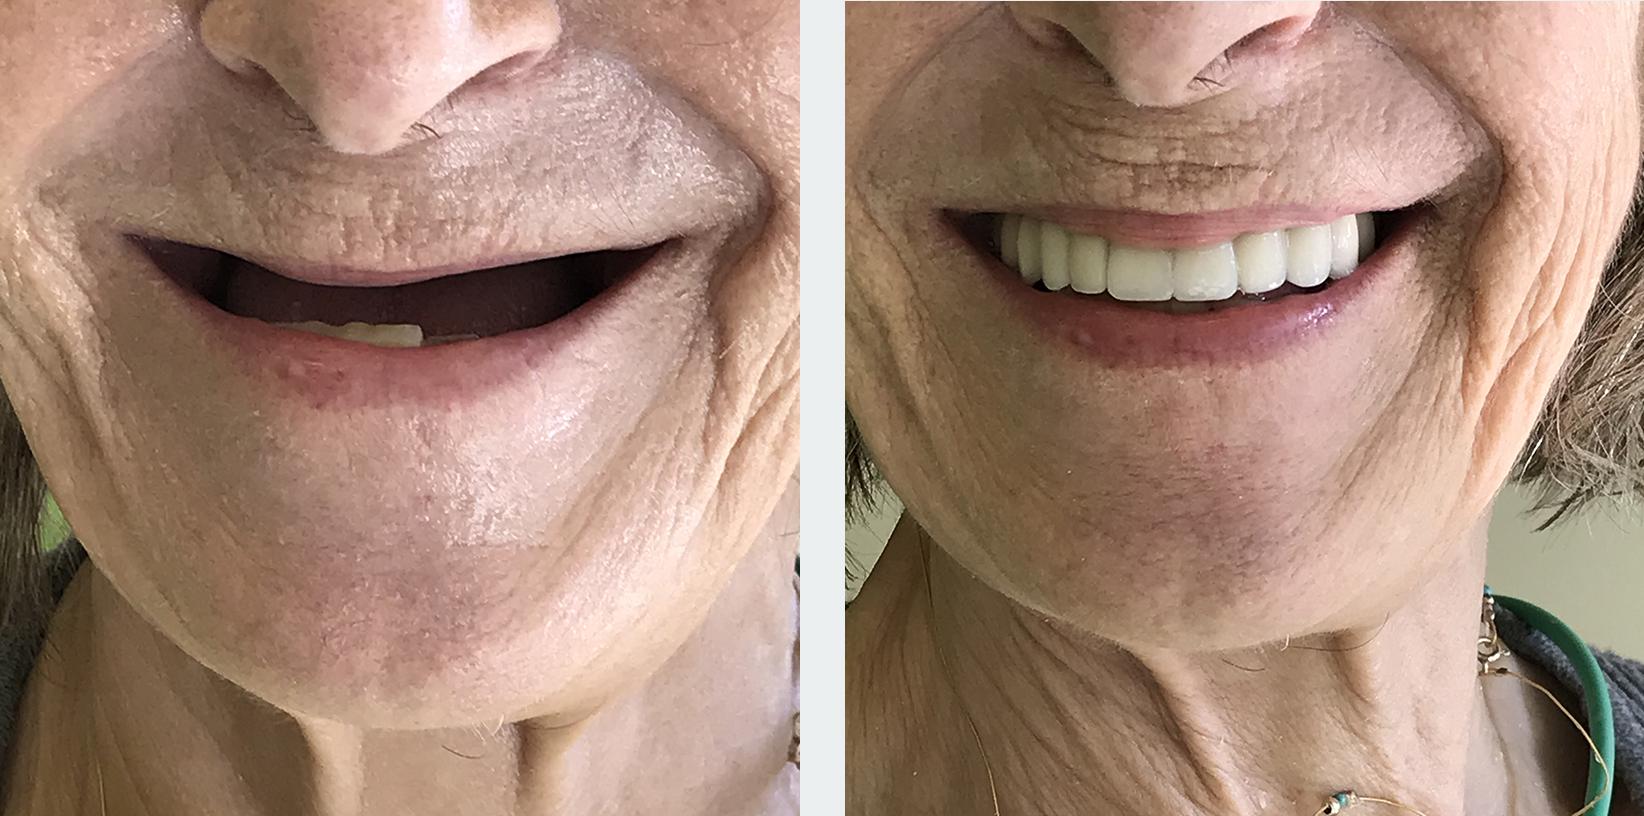 εμφυτεύματα δοντιών 11η εικόνα